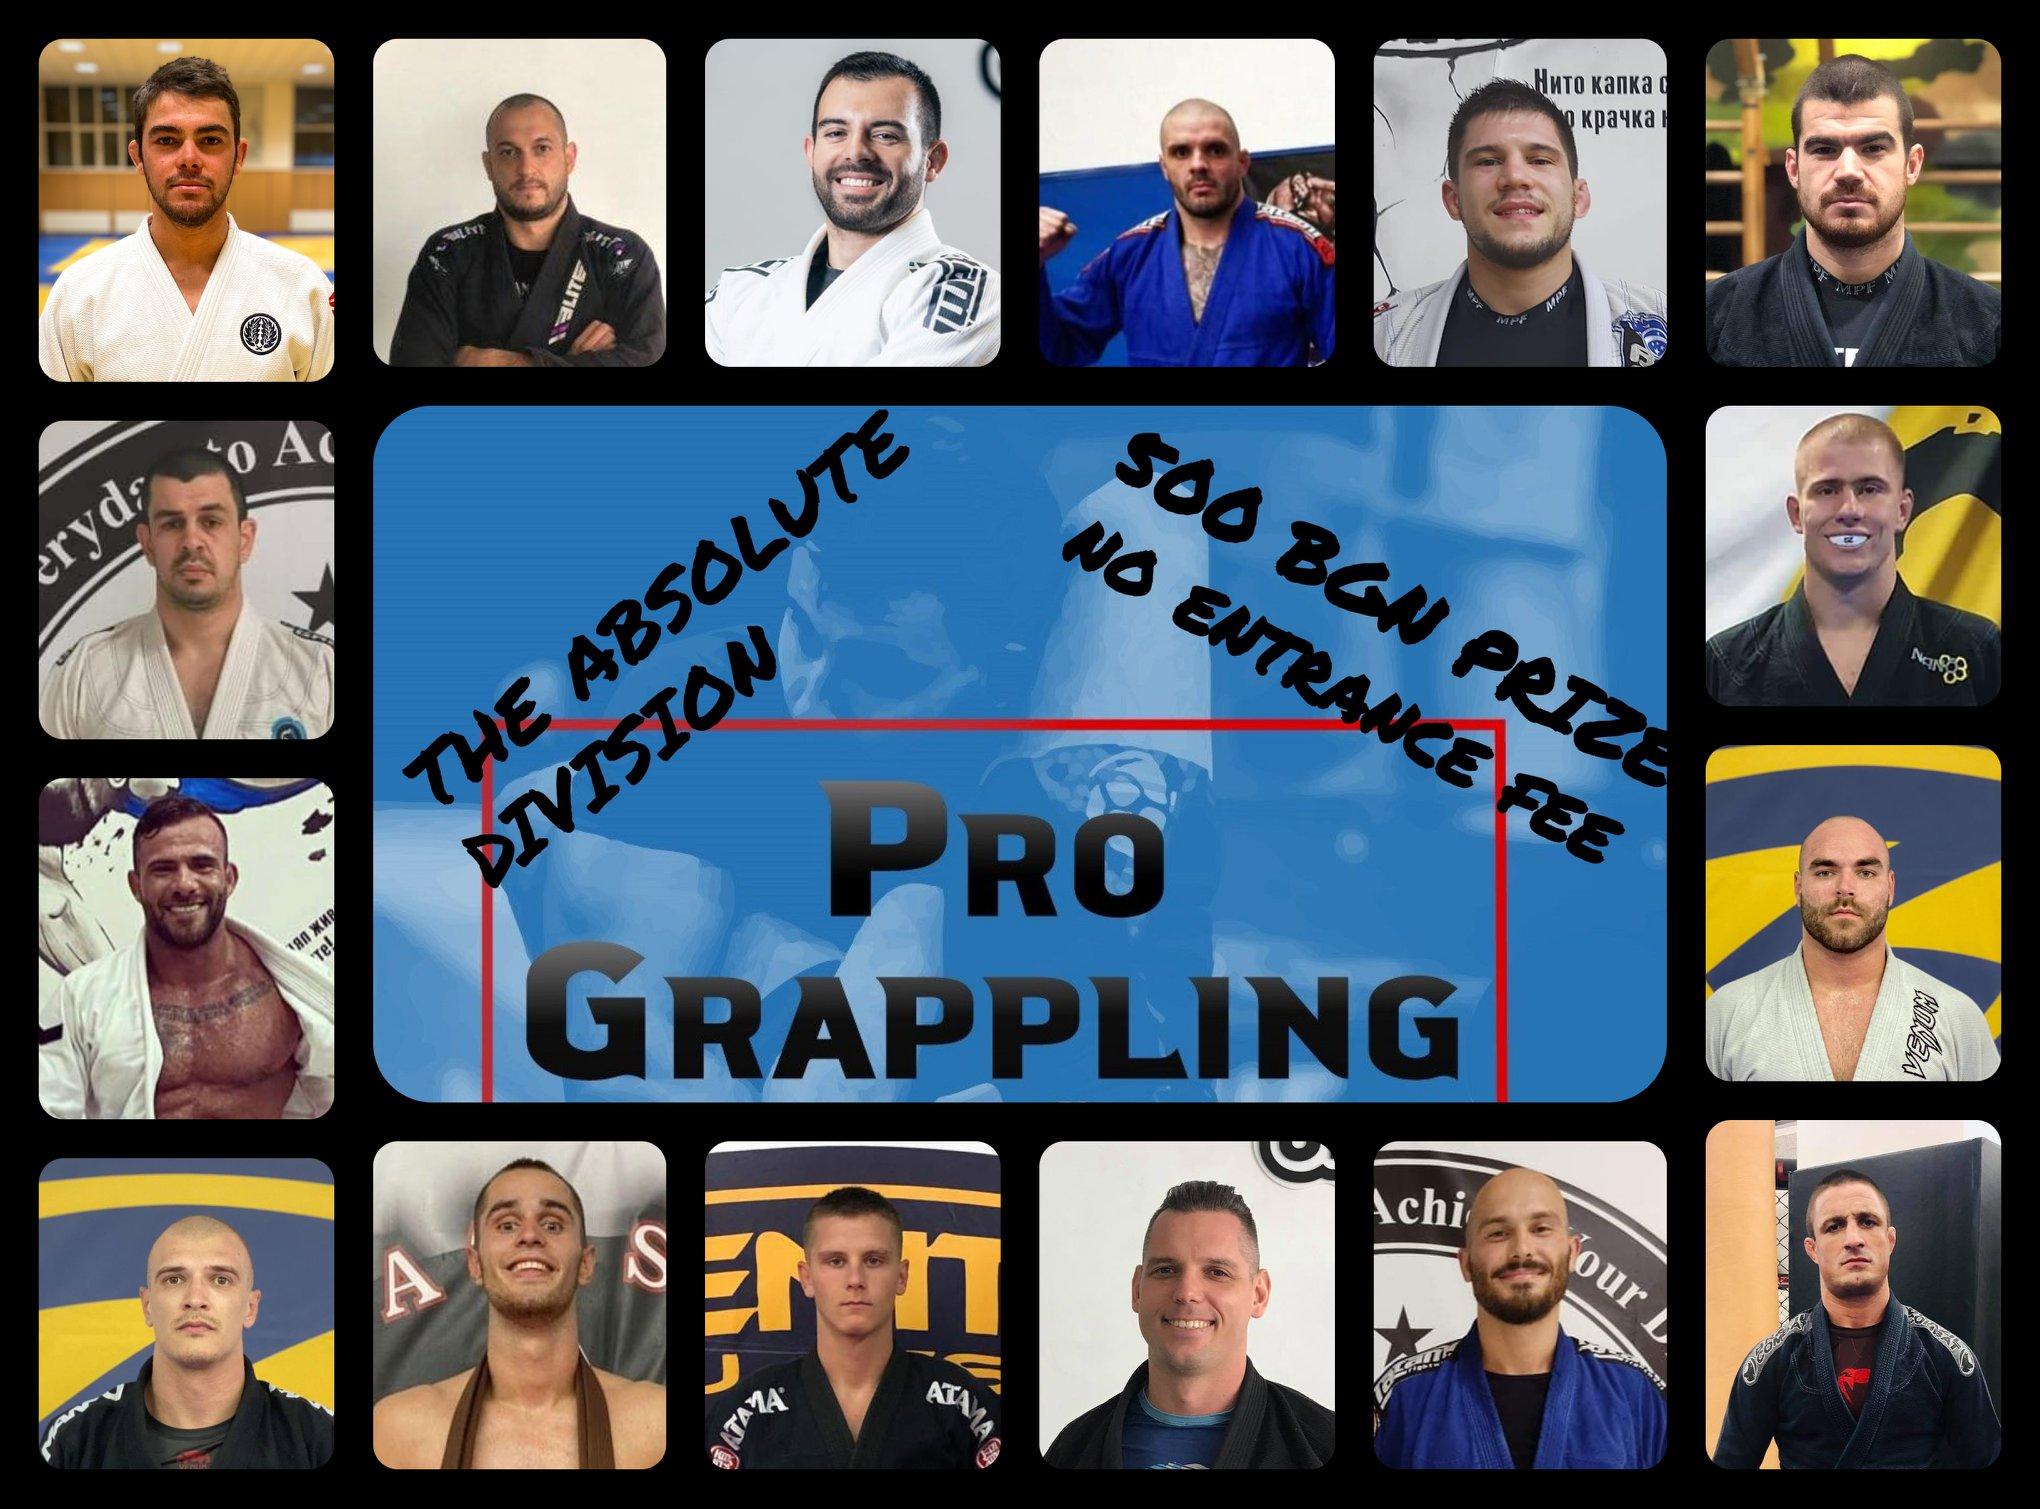 Излезе жребият за Pro Grappling Invitational 3